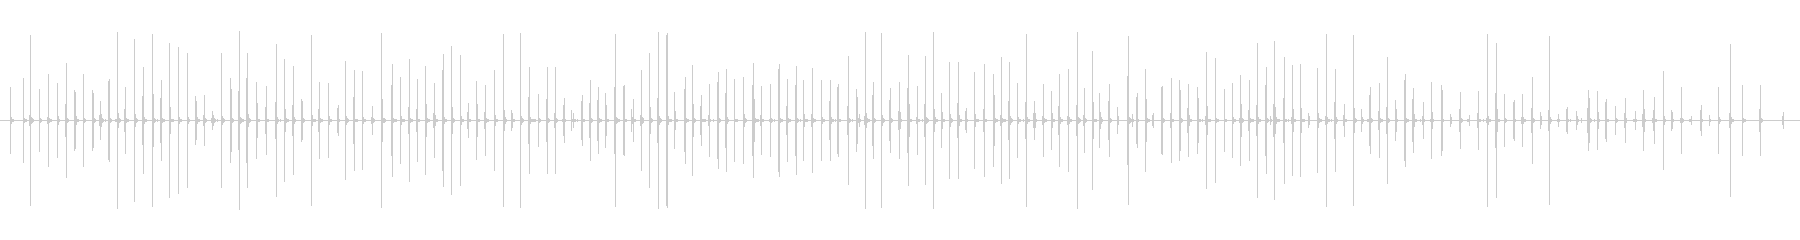 足音 男/歩く2下駄+コンクリートの未再生の波形